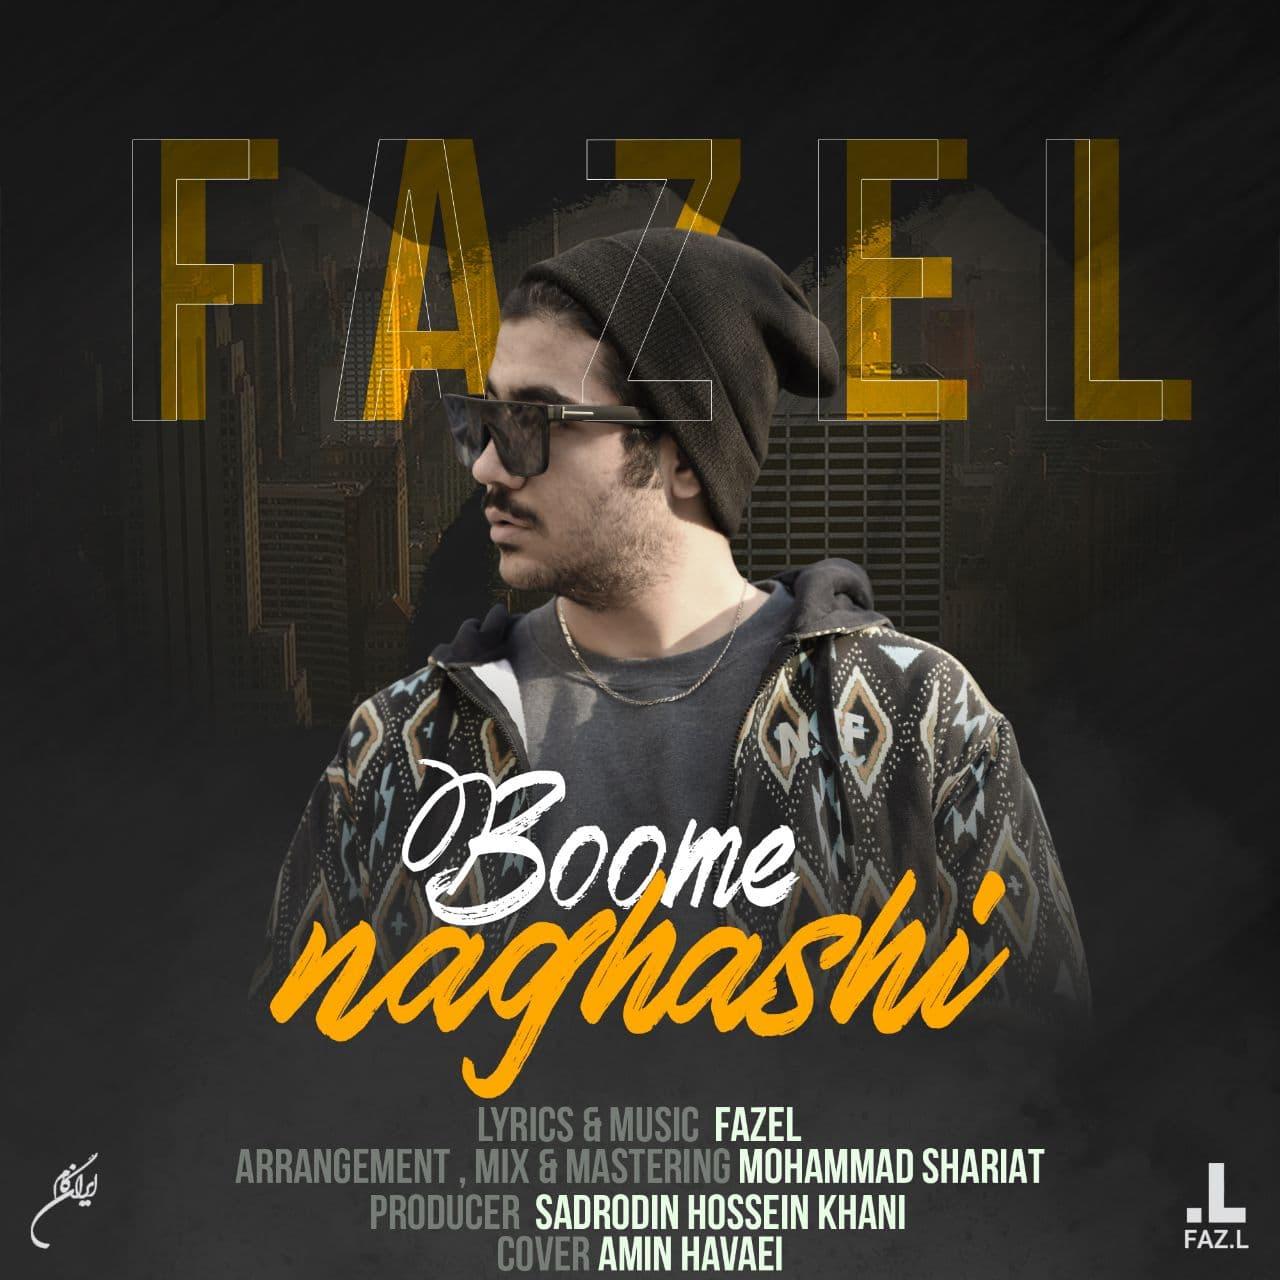 Fazel – Boome Naghashi